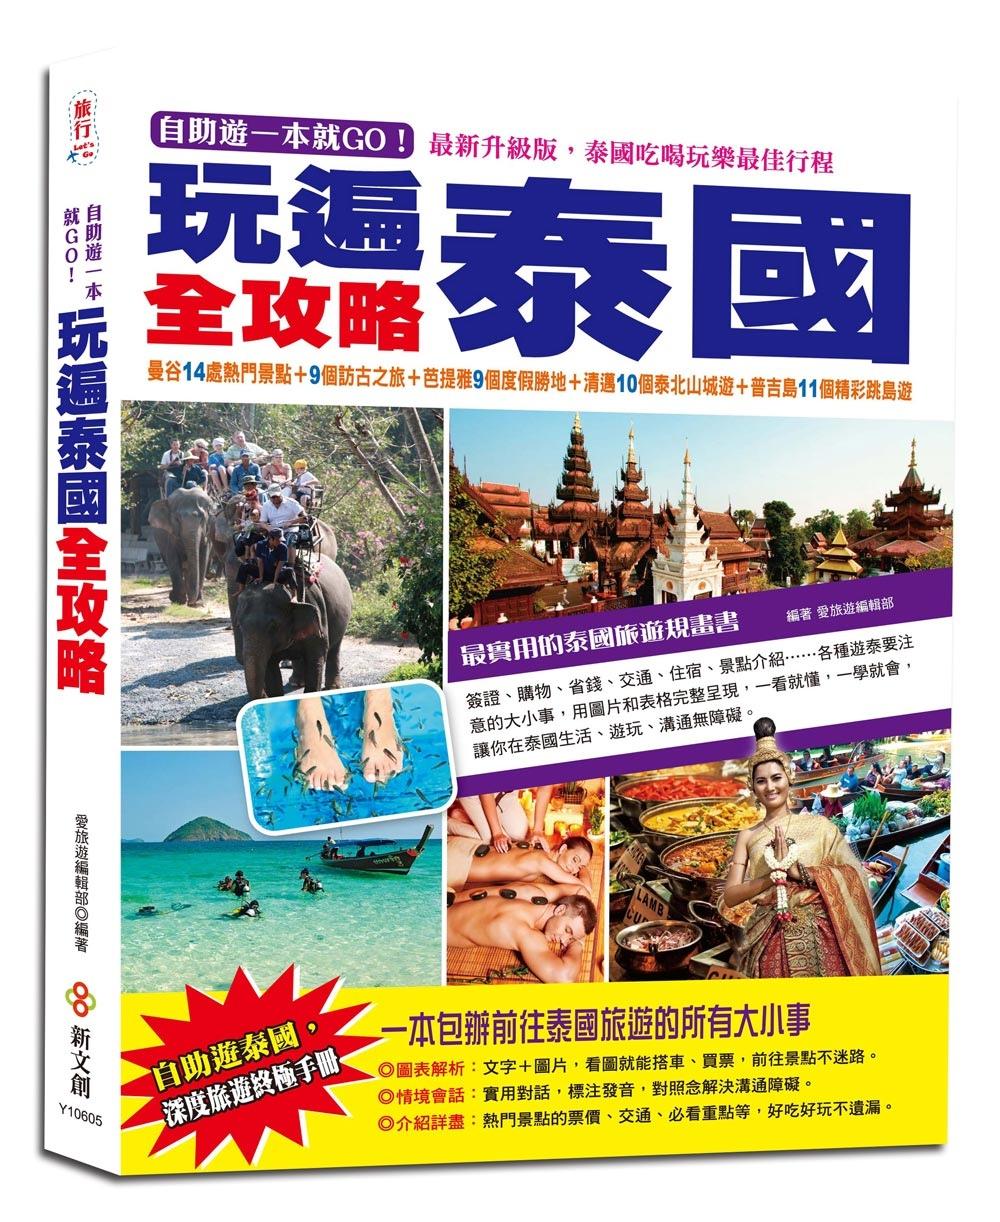 自助遊一本就GO!玩遍泰國全攻略:曼谷14處熱門景點+9個訪古之旅+芭提雅9個渡假勝地+清邁10個泰北山城遊+普吉島11個精彩跳島遊,最實用的泰國旅遊規畫書